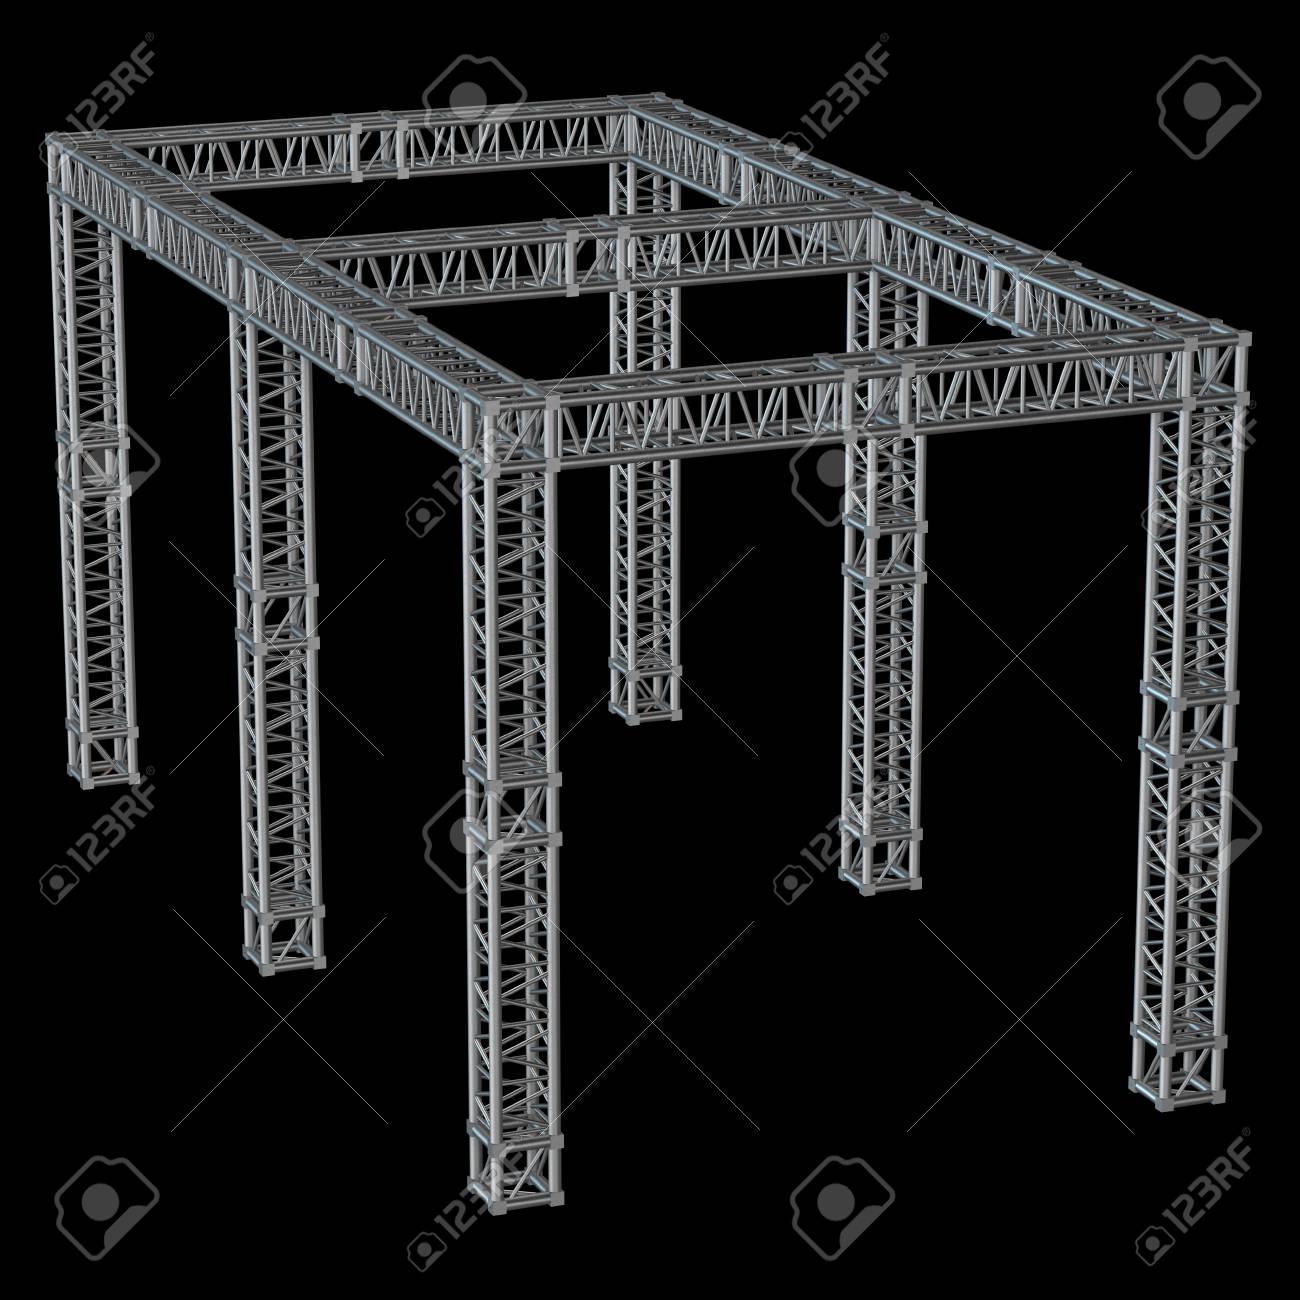 Stahlfachwerkträger Der Dachkonstruktion Lizenzfreie Fotos, Bilder ...